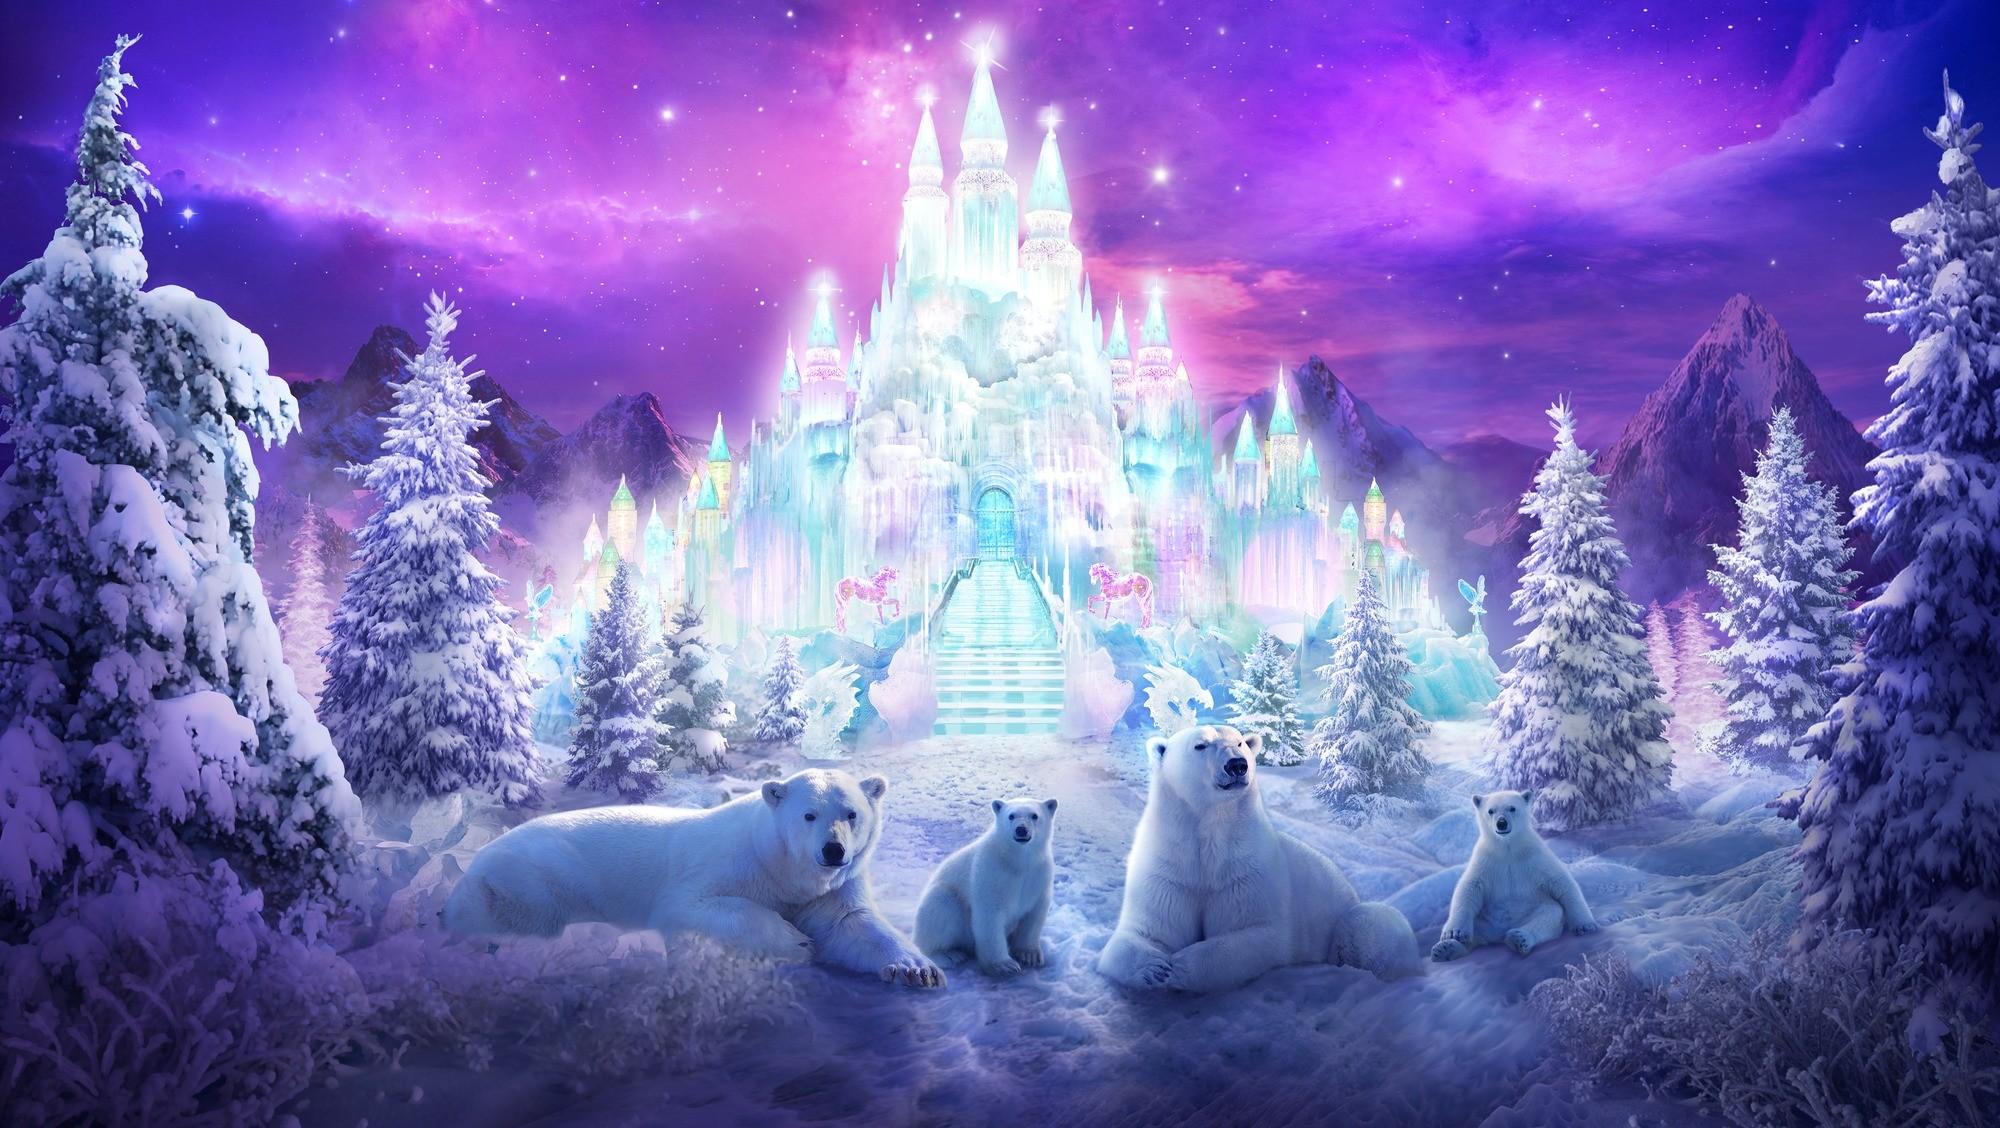 A Winter Wonderland Wall Mural Photo Wallpaper